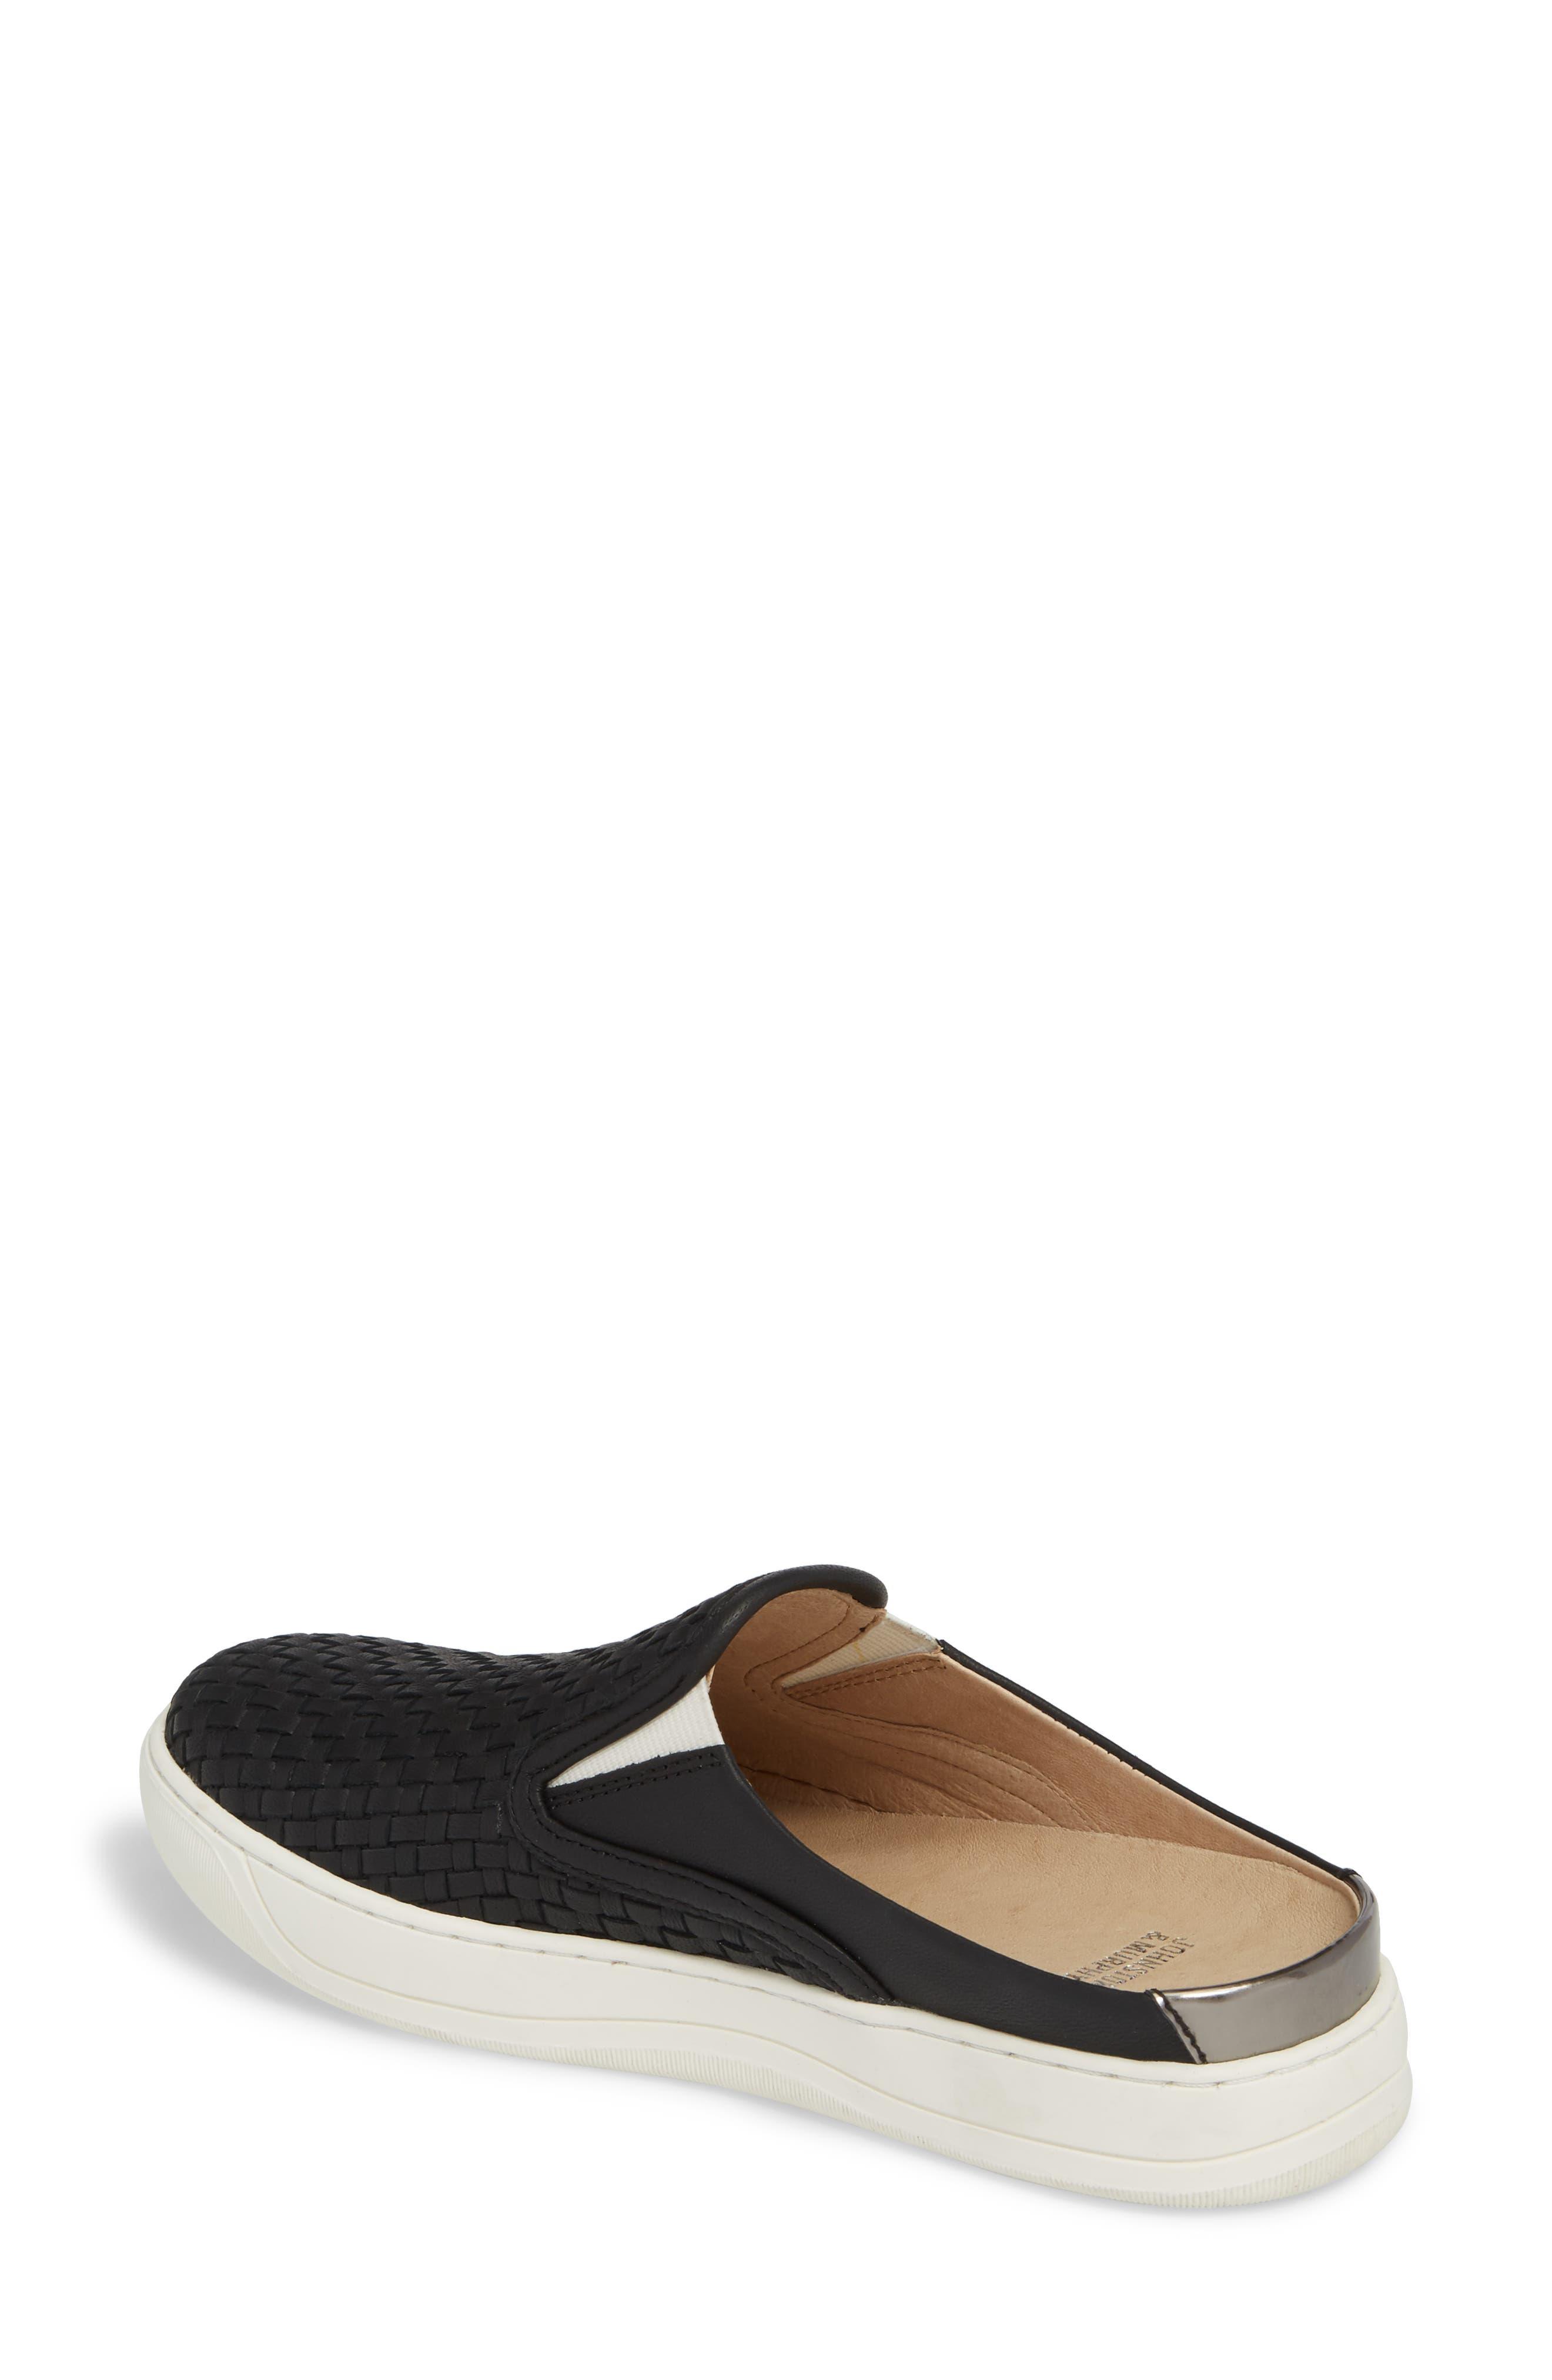 JOHNSTON & MURPHY, Evie Slip-On Sneaker, Alternate thumbnail 2, color, BLACK LEATHER